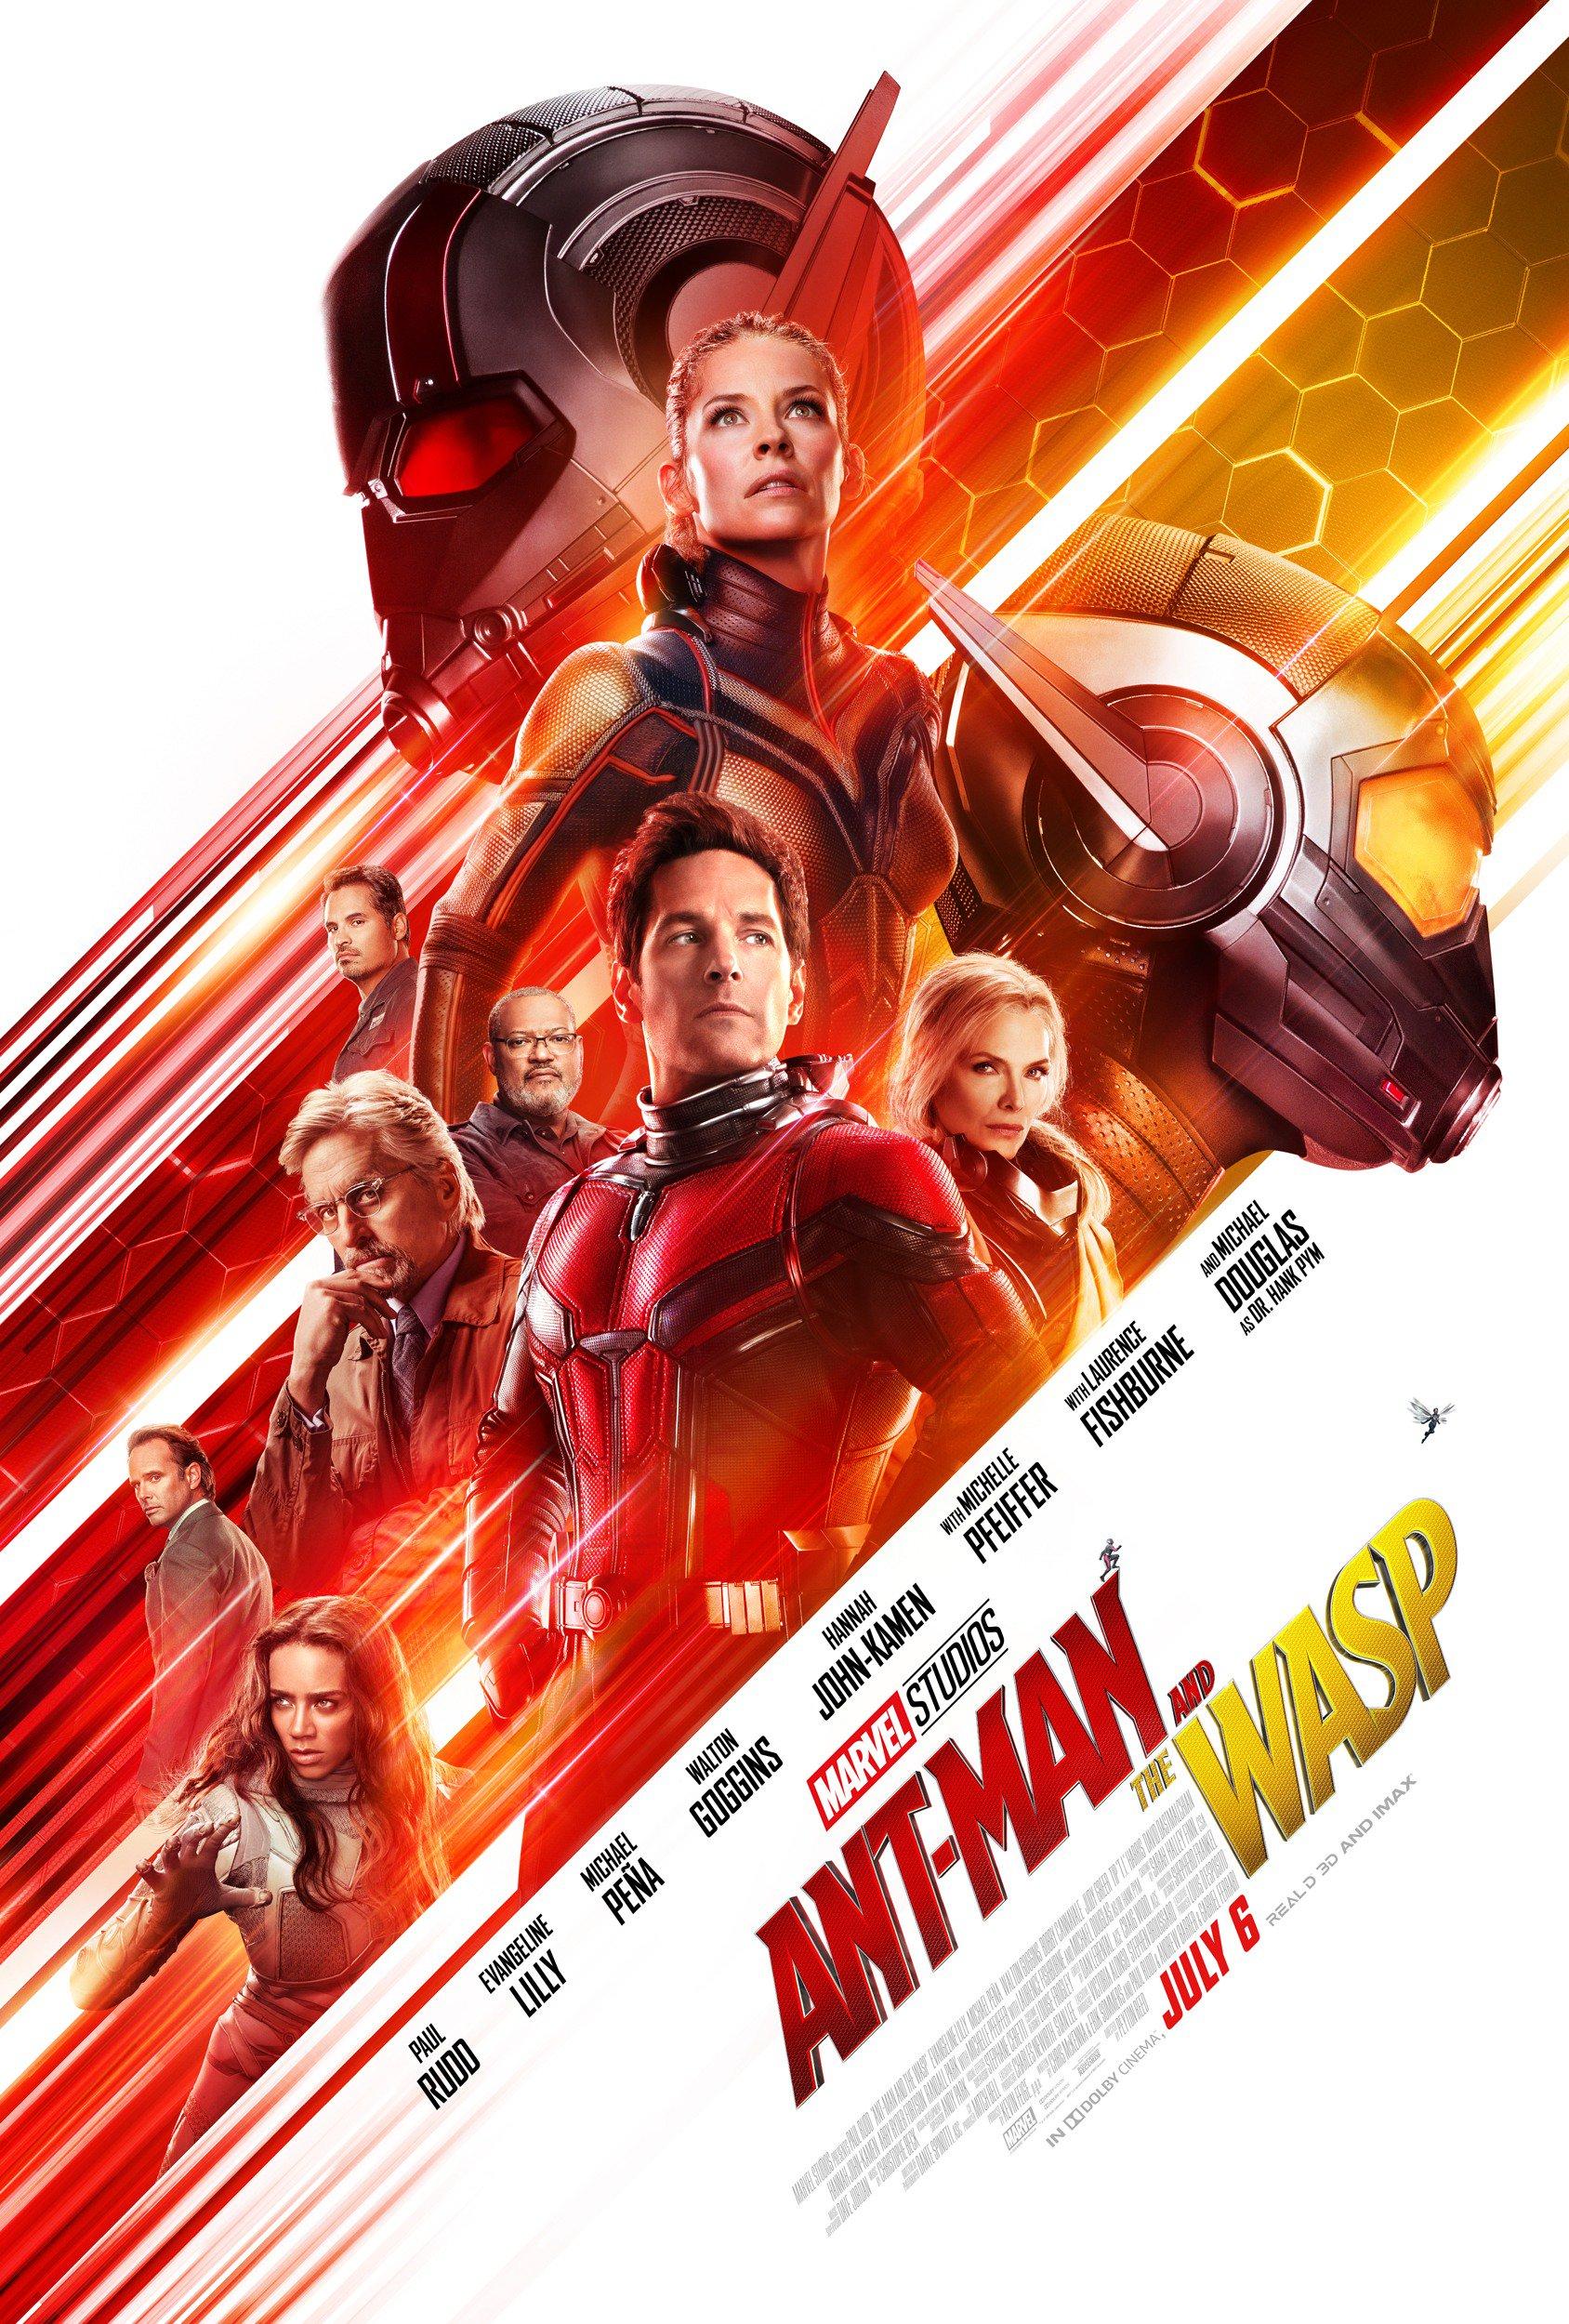 Urutan Menonton Film Marvel Phase 3, Sudah Ditonton Semua Belum? 10